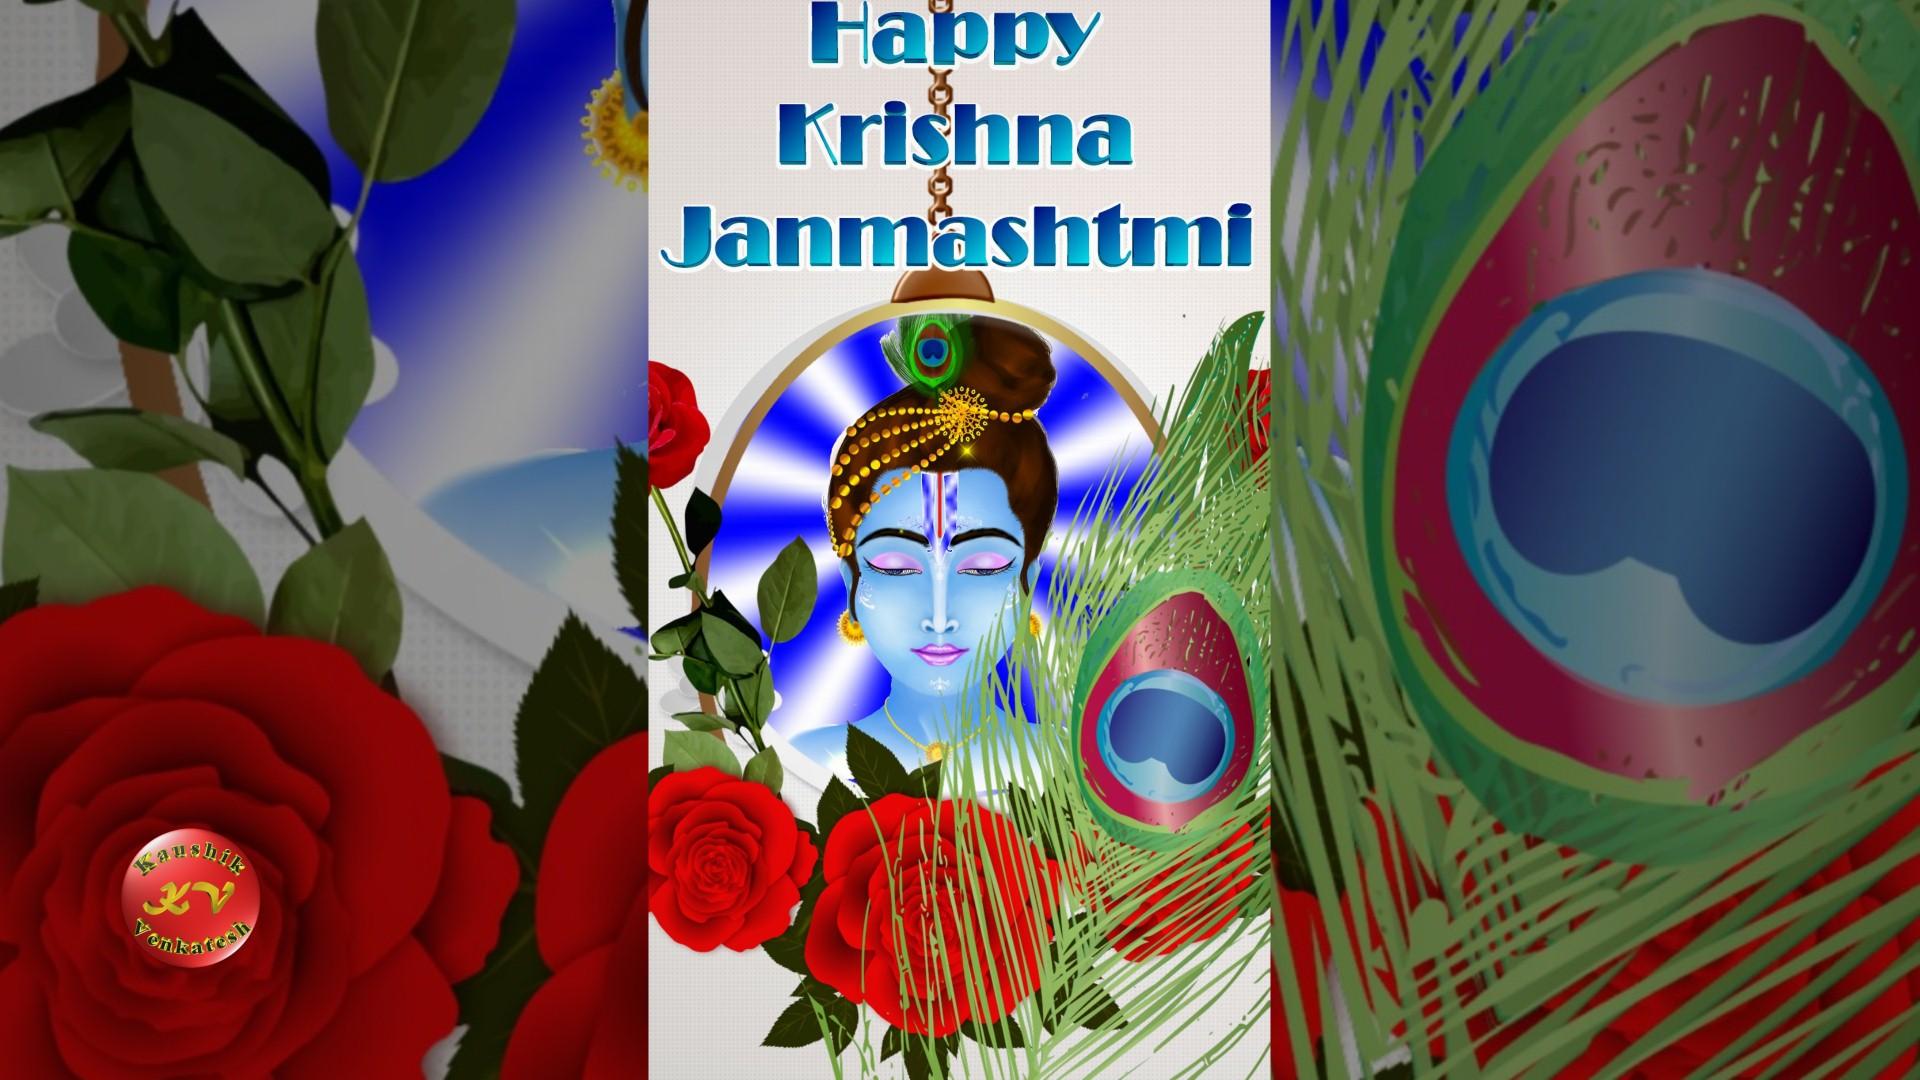 Greetings Image of Happy Krishna Janmashtamii